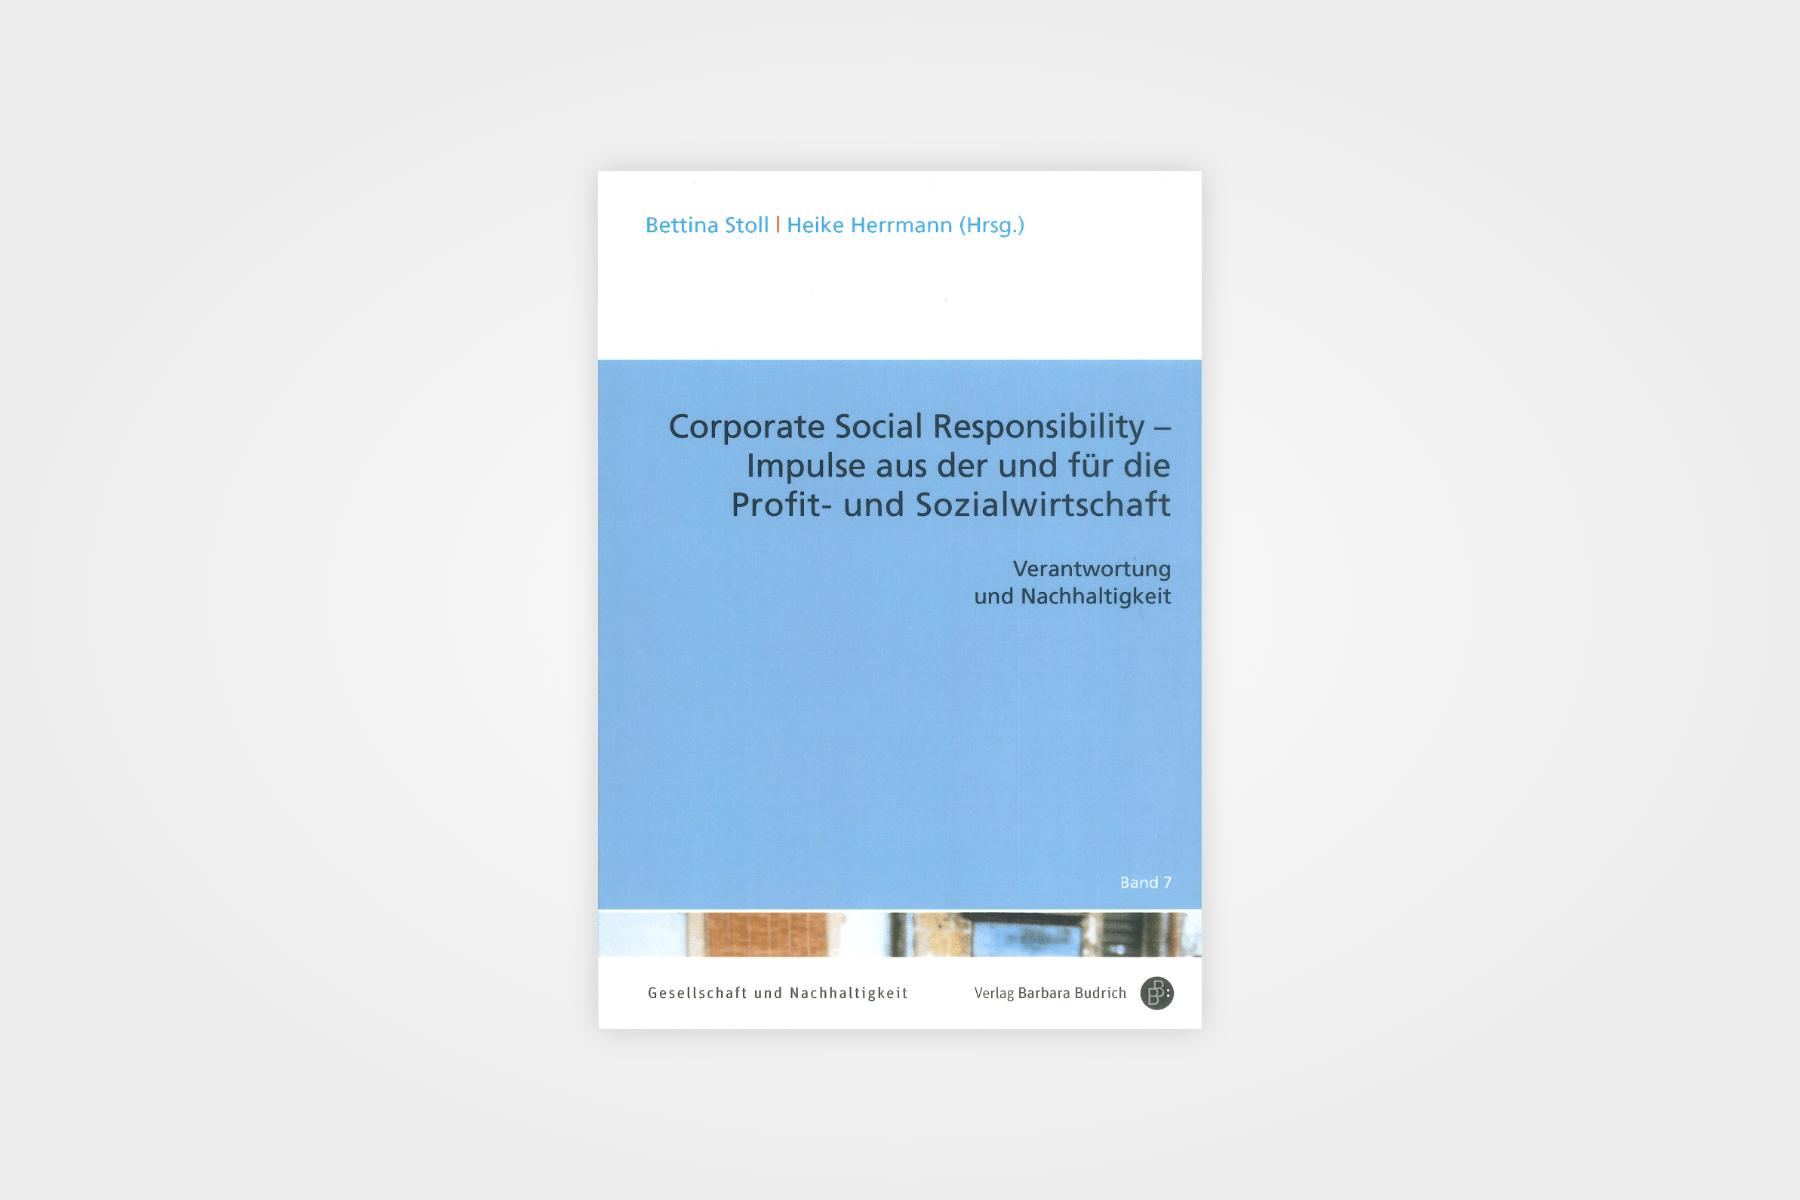 Corporate Social Responsibility als Instrument der Mitarbeitergewinnung